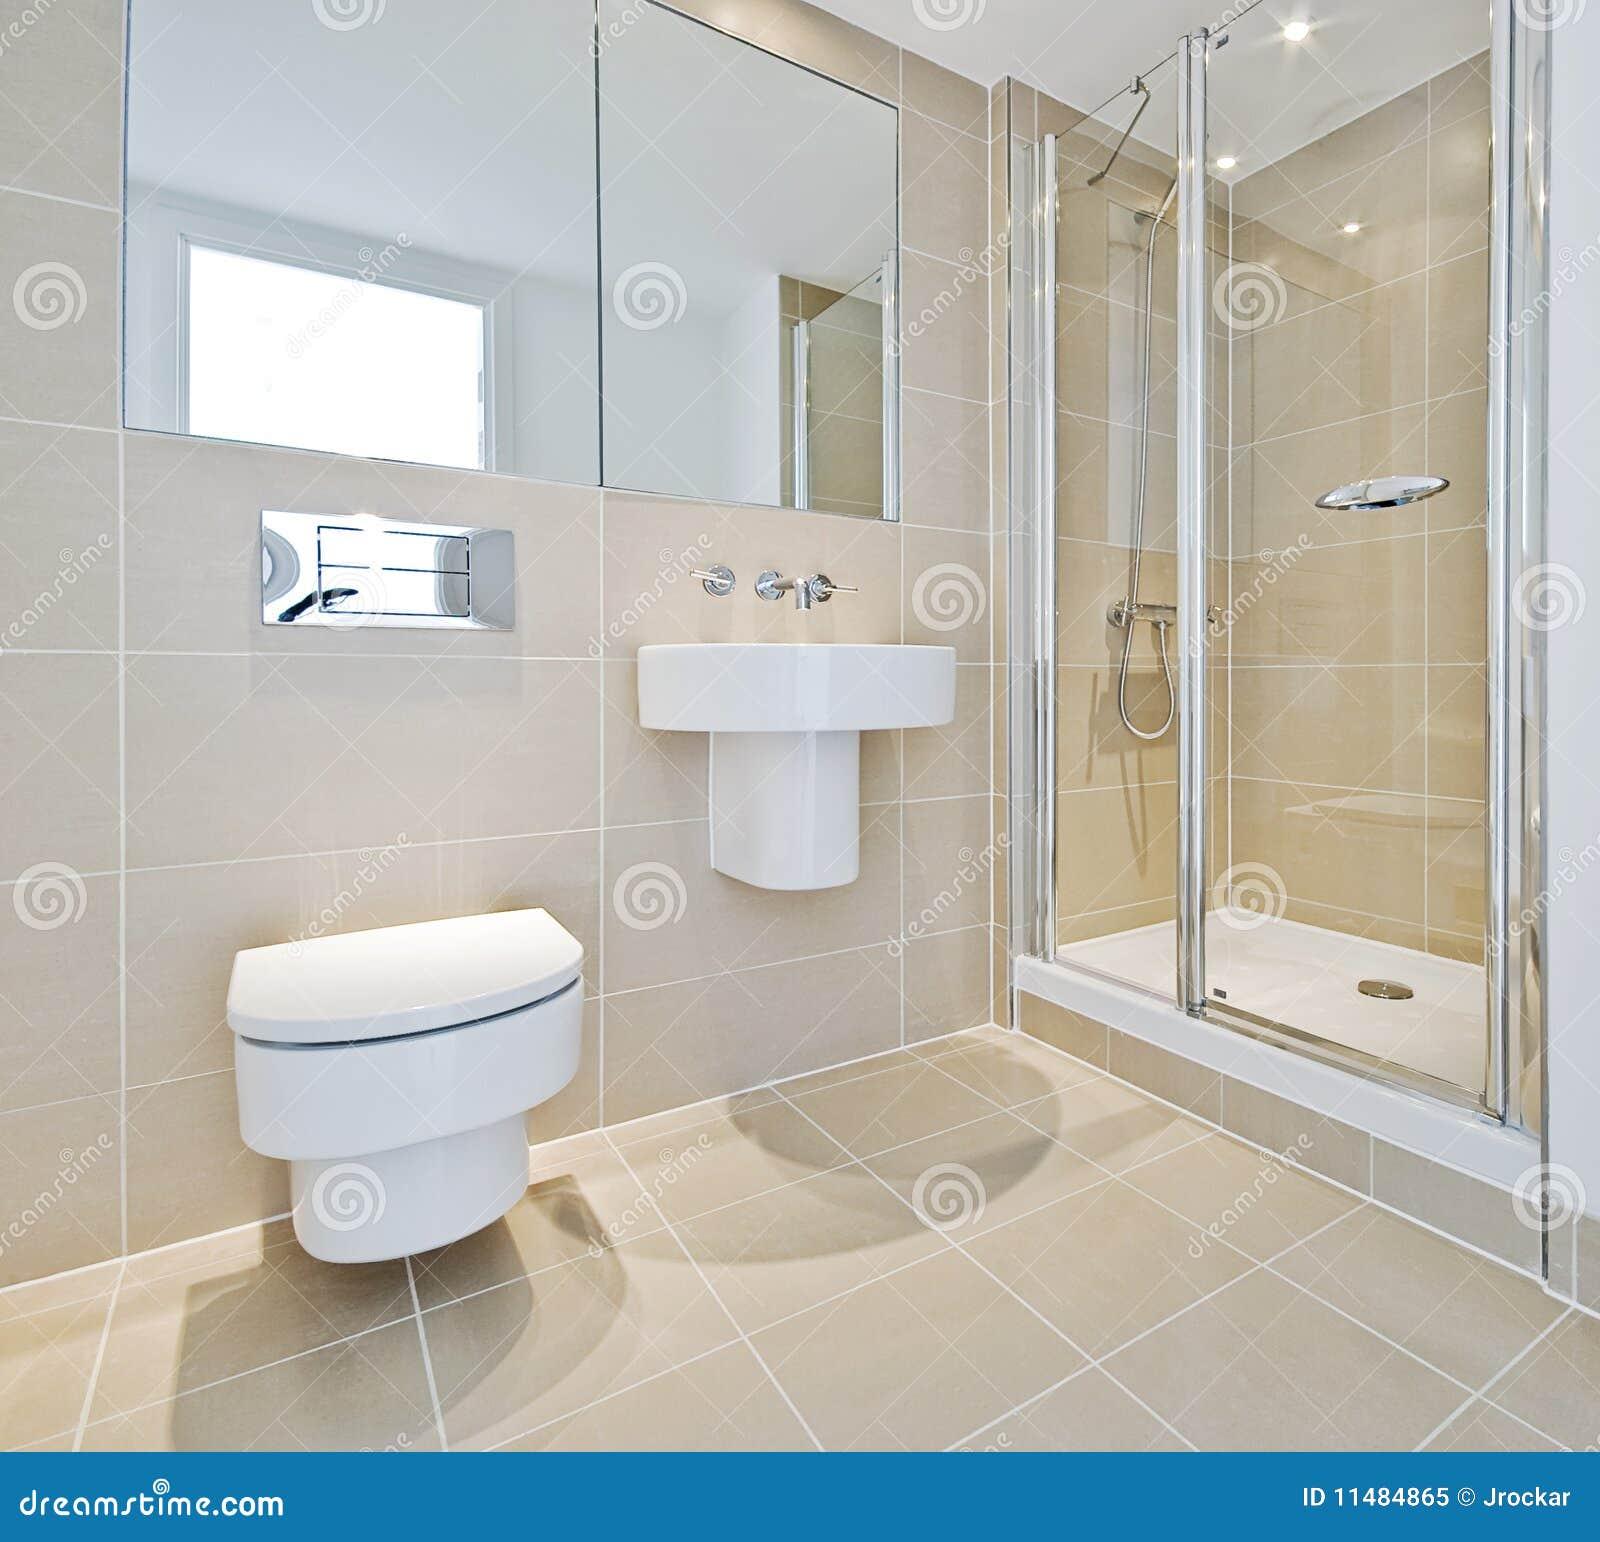 Banheiro Com Canto Do Chuveiro Foto de Stock Royalty Free  Imagem 11484865 # Banheiros Modernos Chuveiro